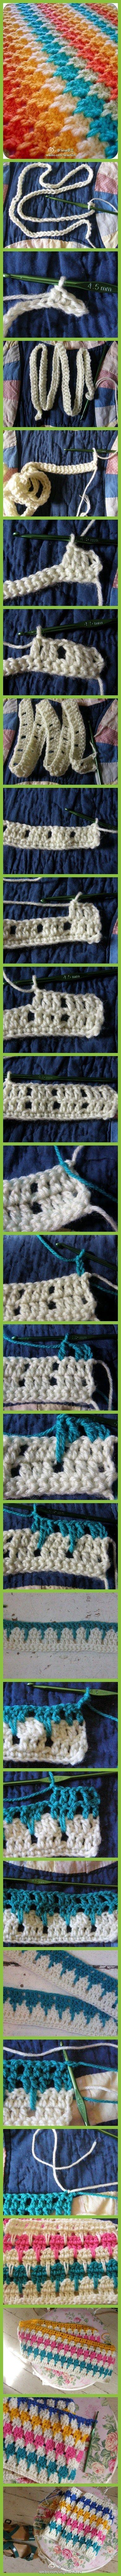 Pretty crochet blanket!